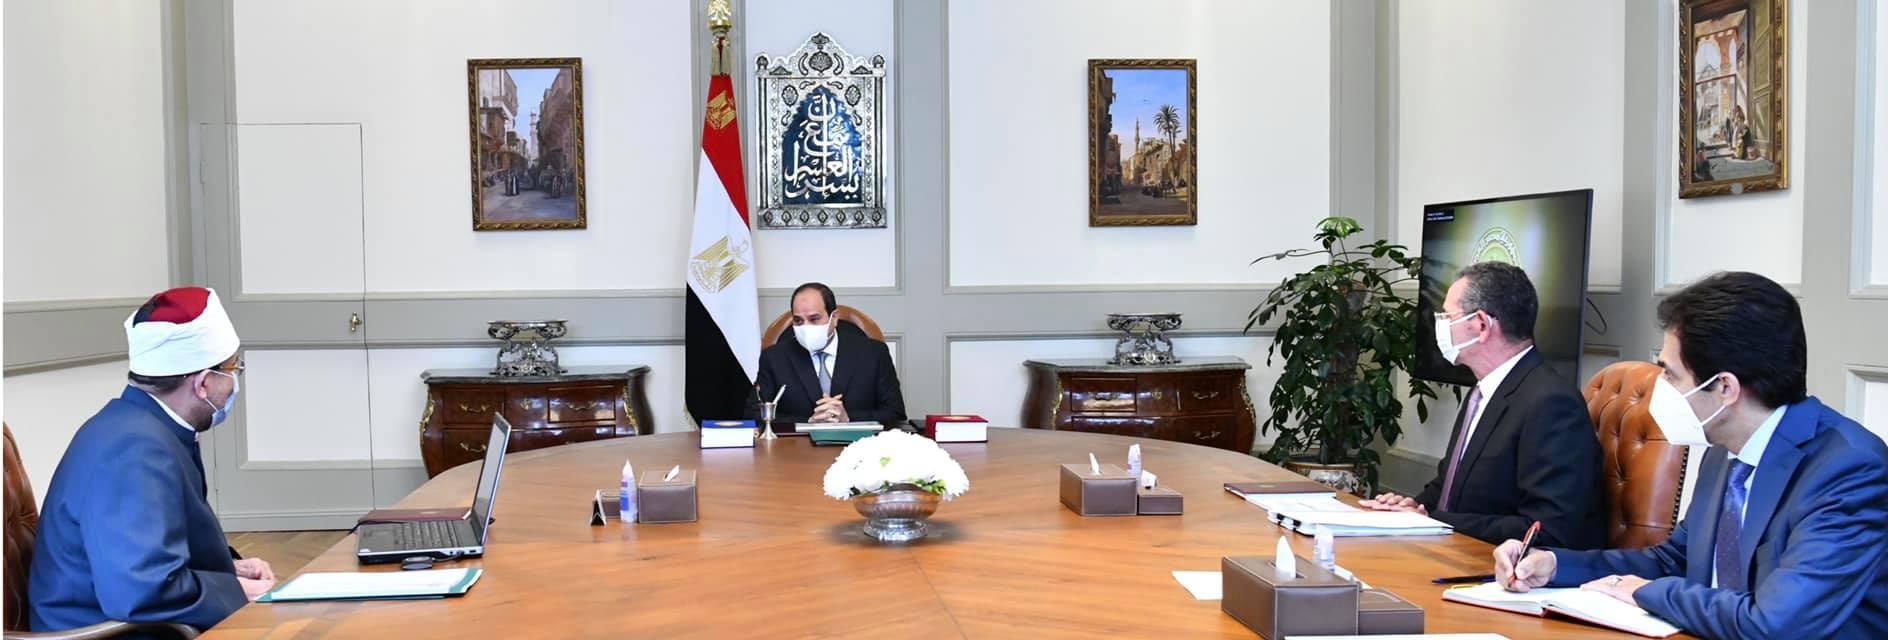 السيد الرئيس خلال الاجتماع